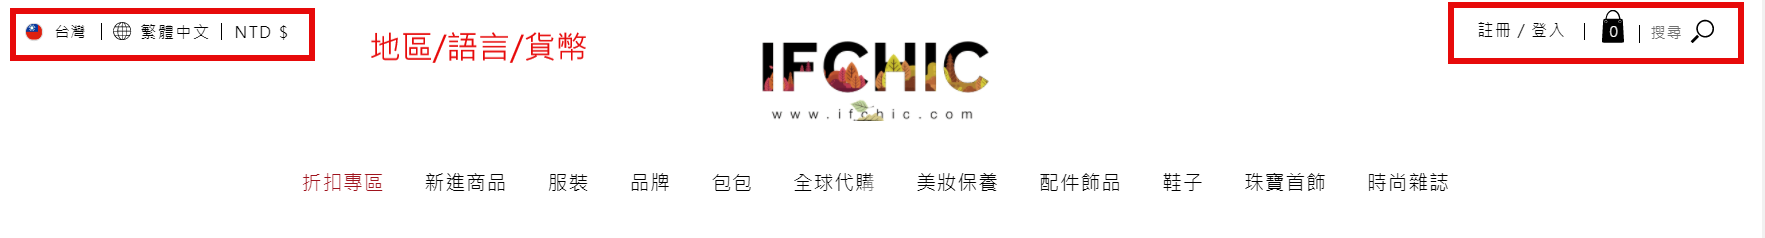 Ifchic註冊教學